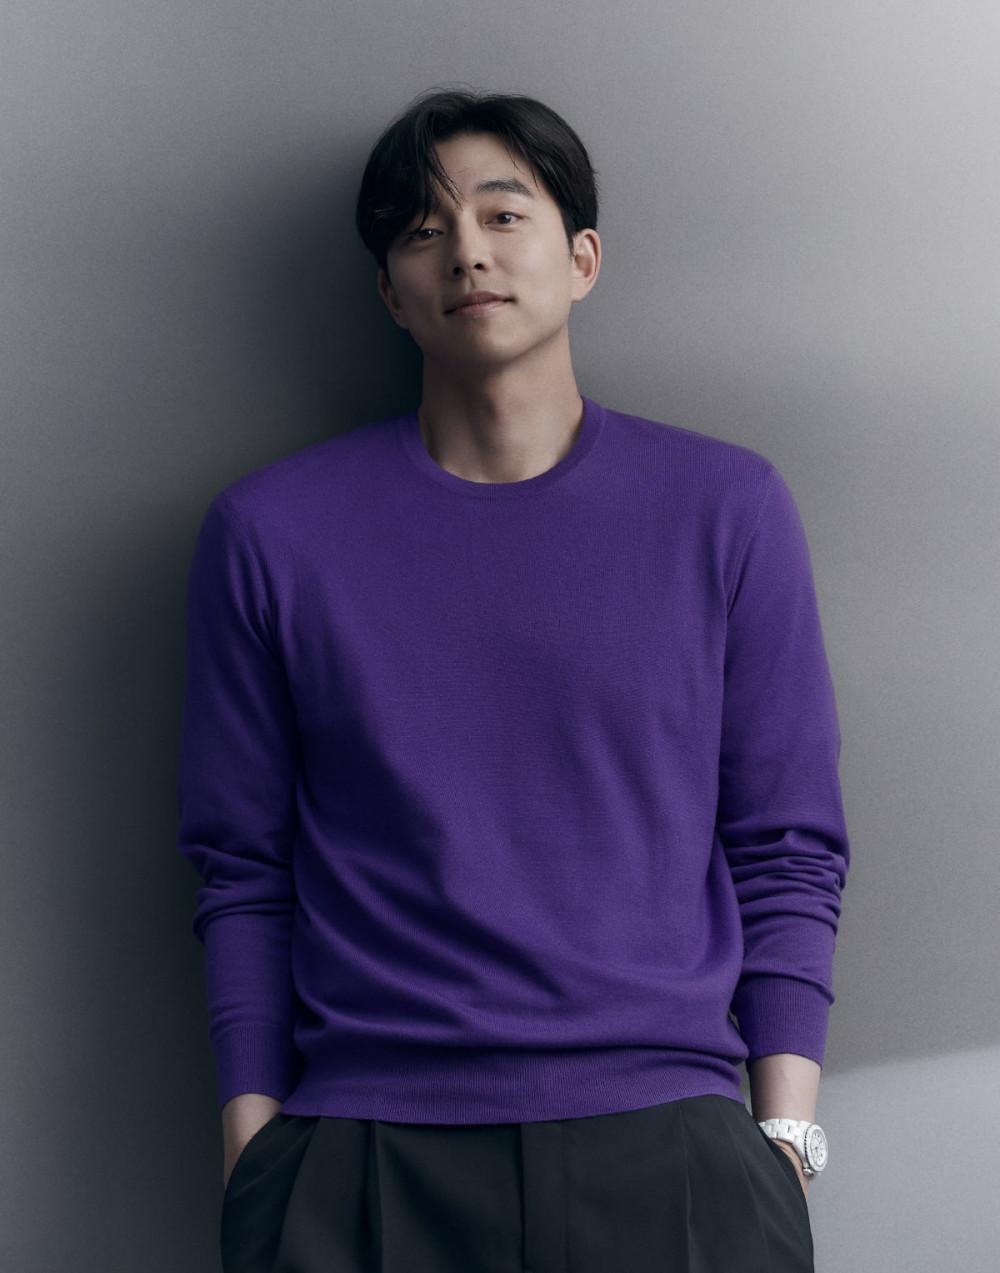 Vẻ đẹp nam tính của Gong Yoo